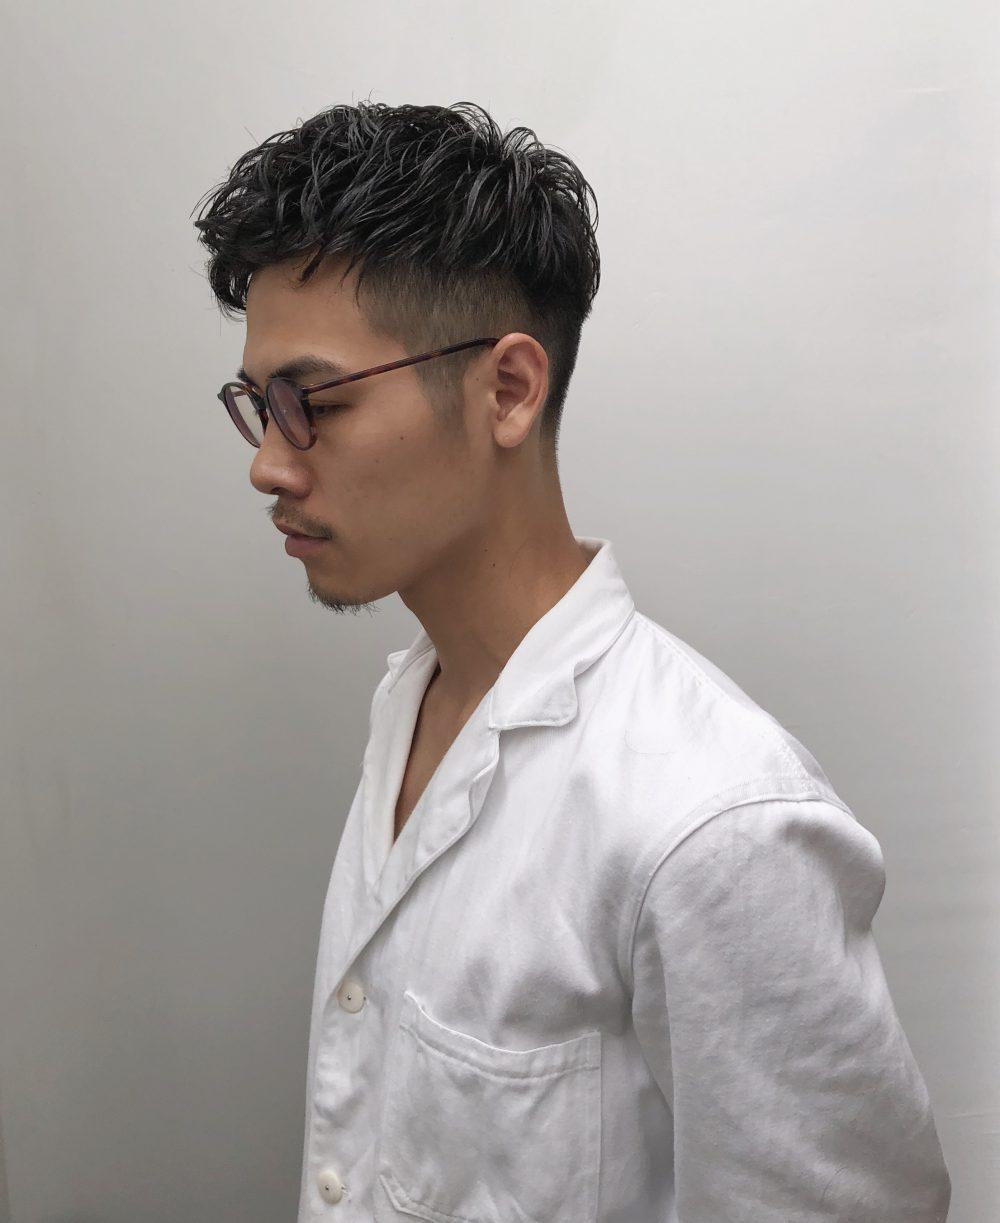 スタイル メンズヘア